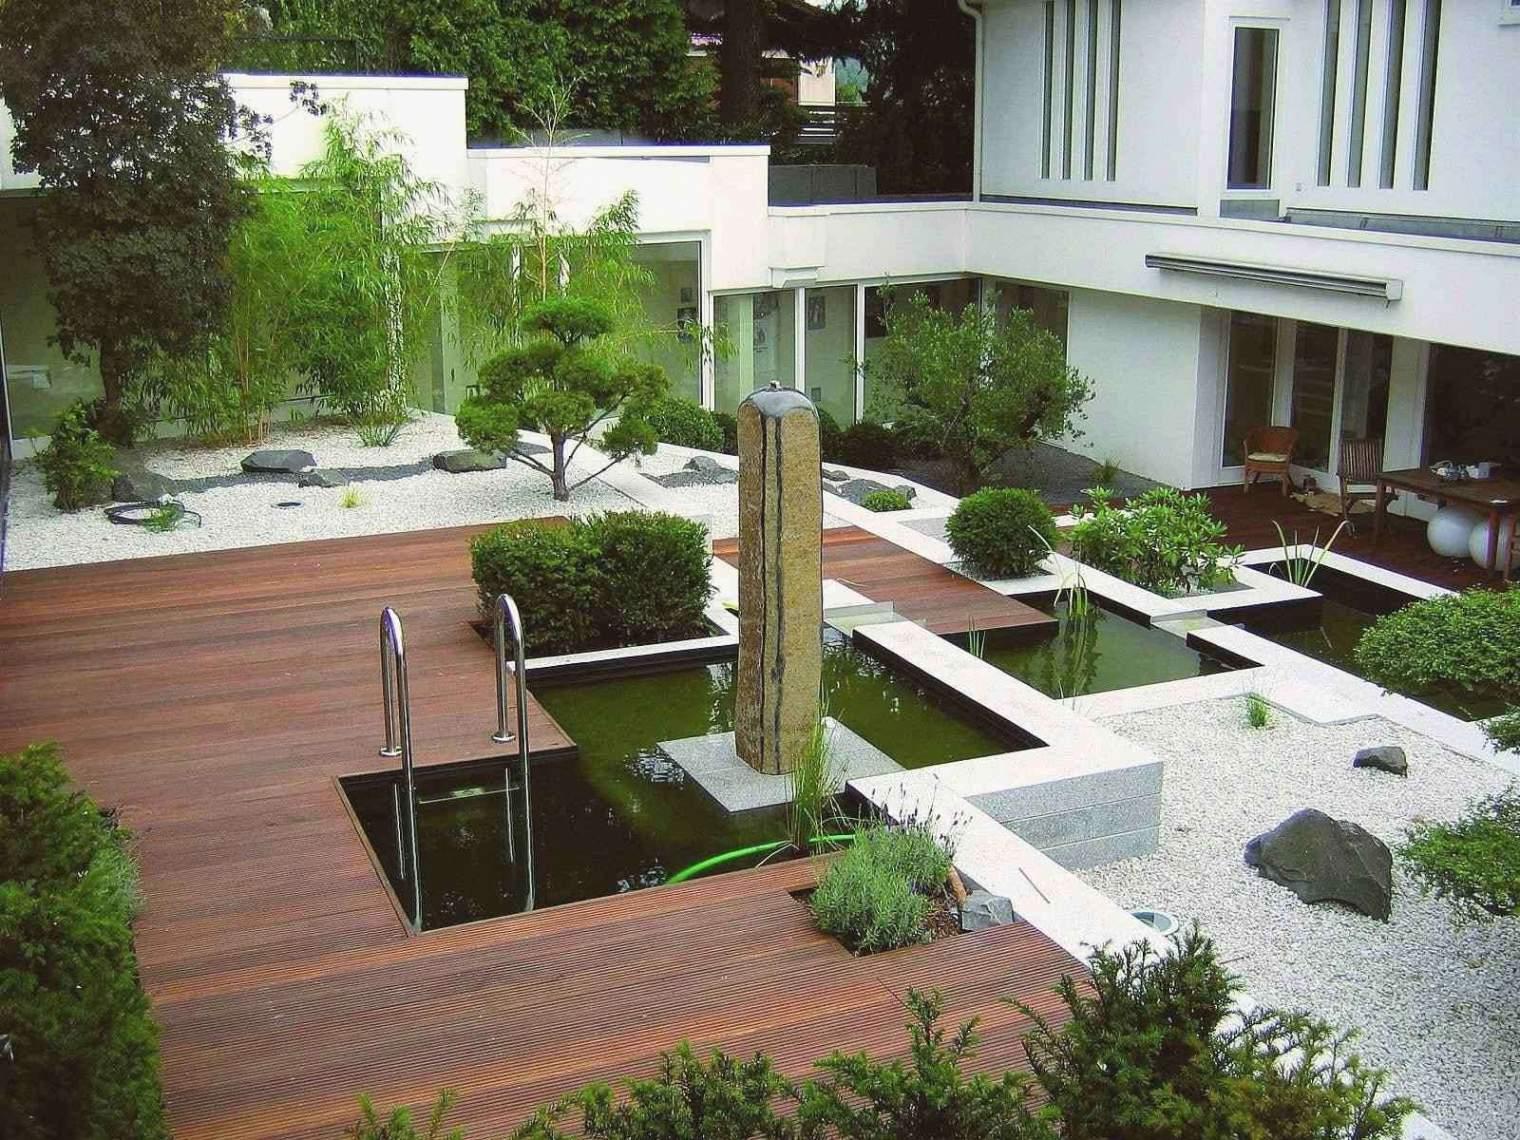 Pool Für Kleinen Garten Frisch Kleine Pools Für Kleine Gärten — Temobardz Home Blog